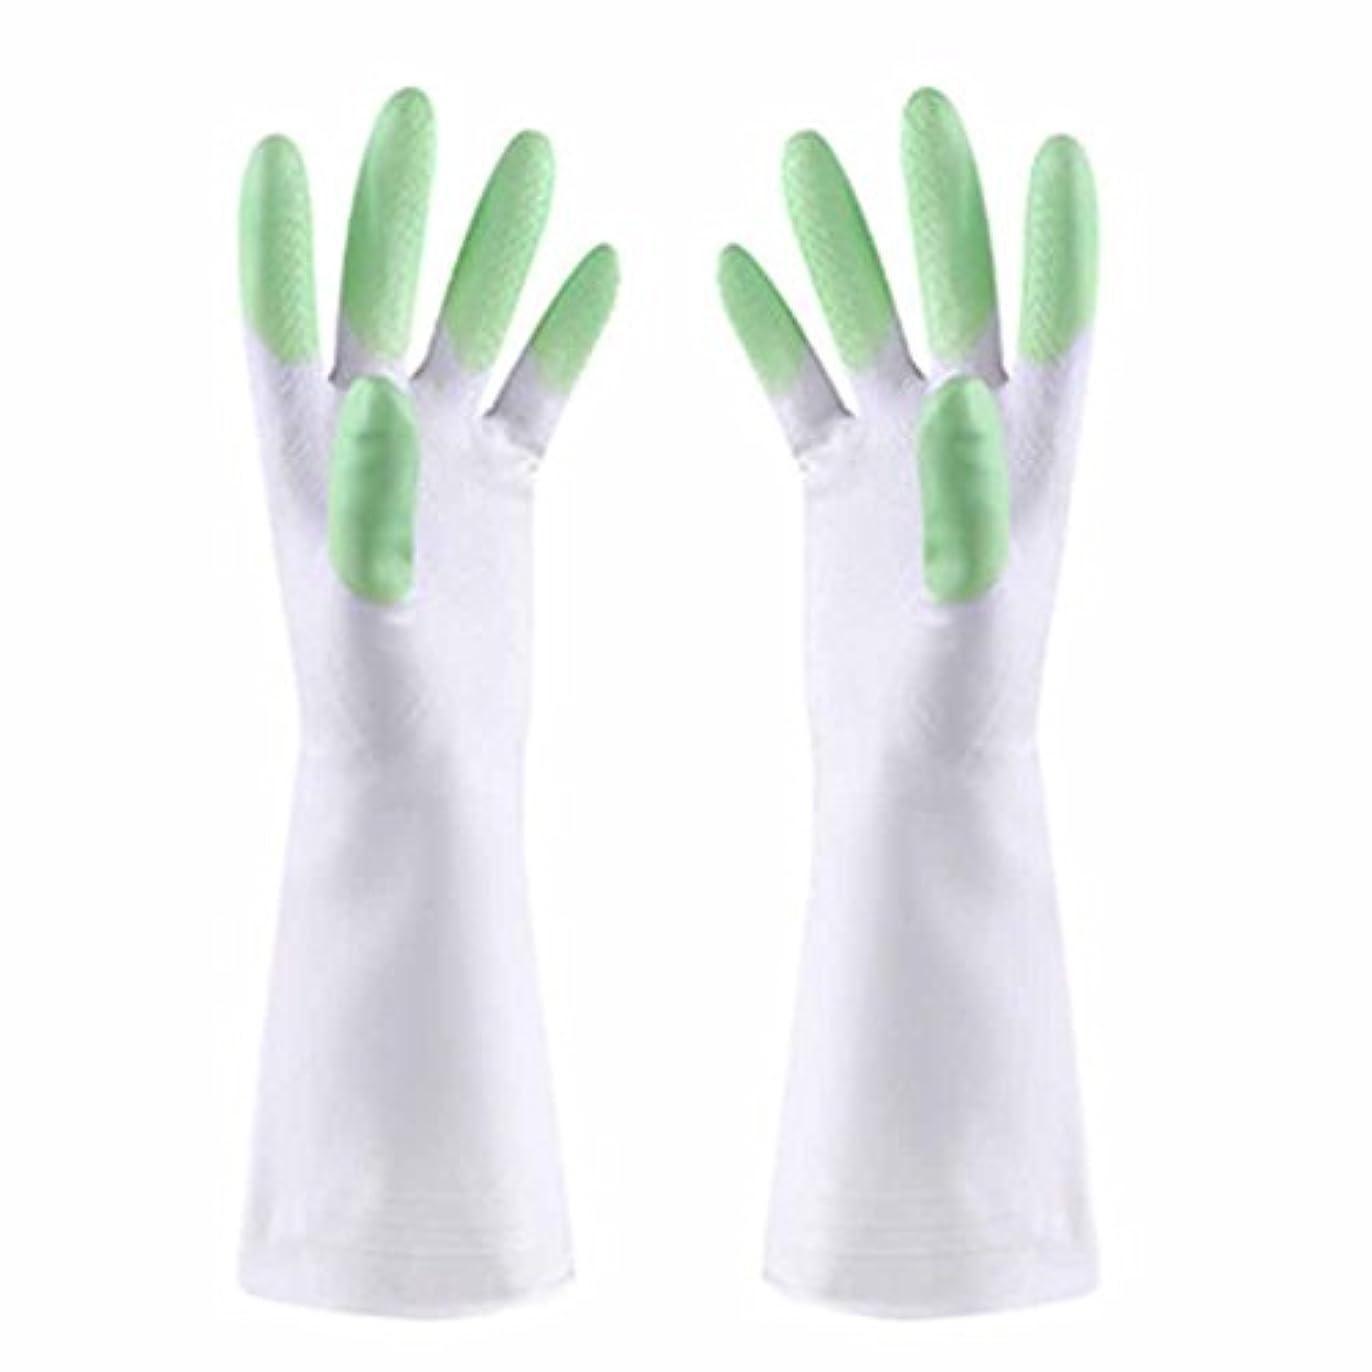 方向方向オーロック使い捨て手袋 防水性と耐油性の薄い手袋PVCスマートで耐久性の高いキッチン多機能手袋 (Color : Green)